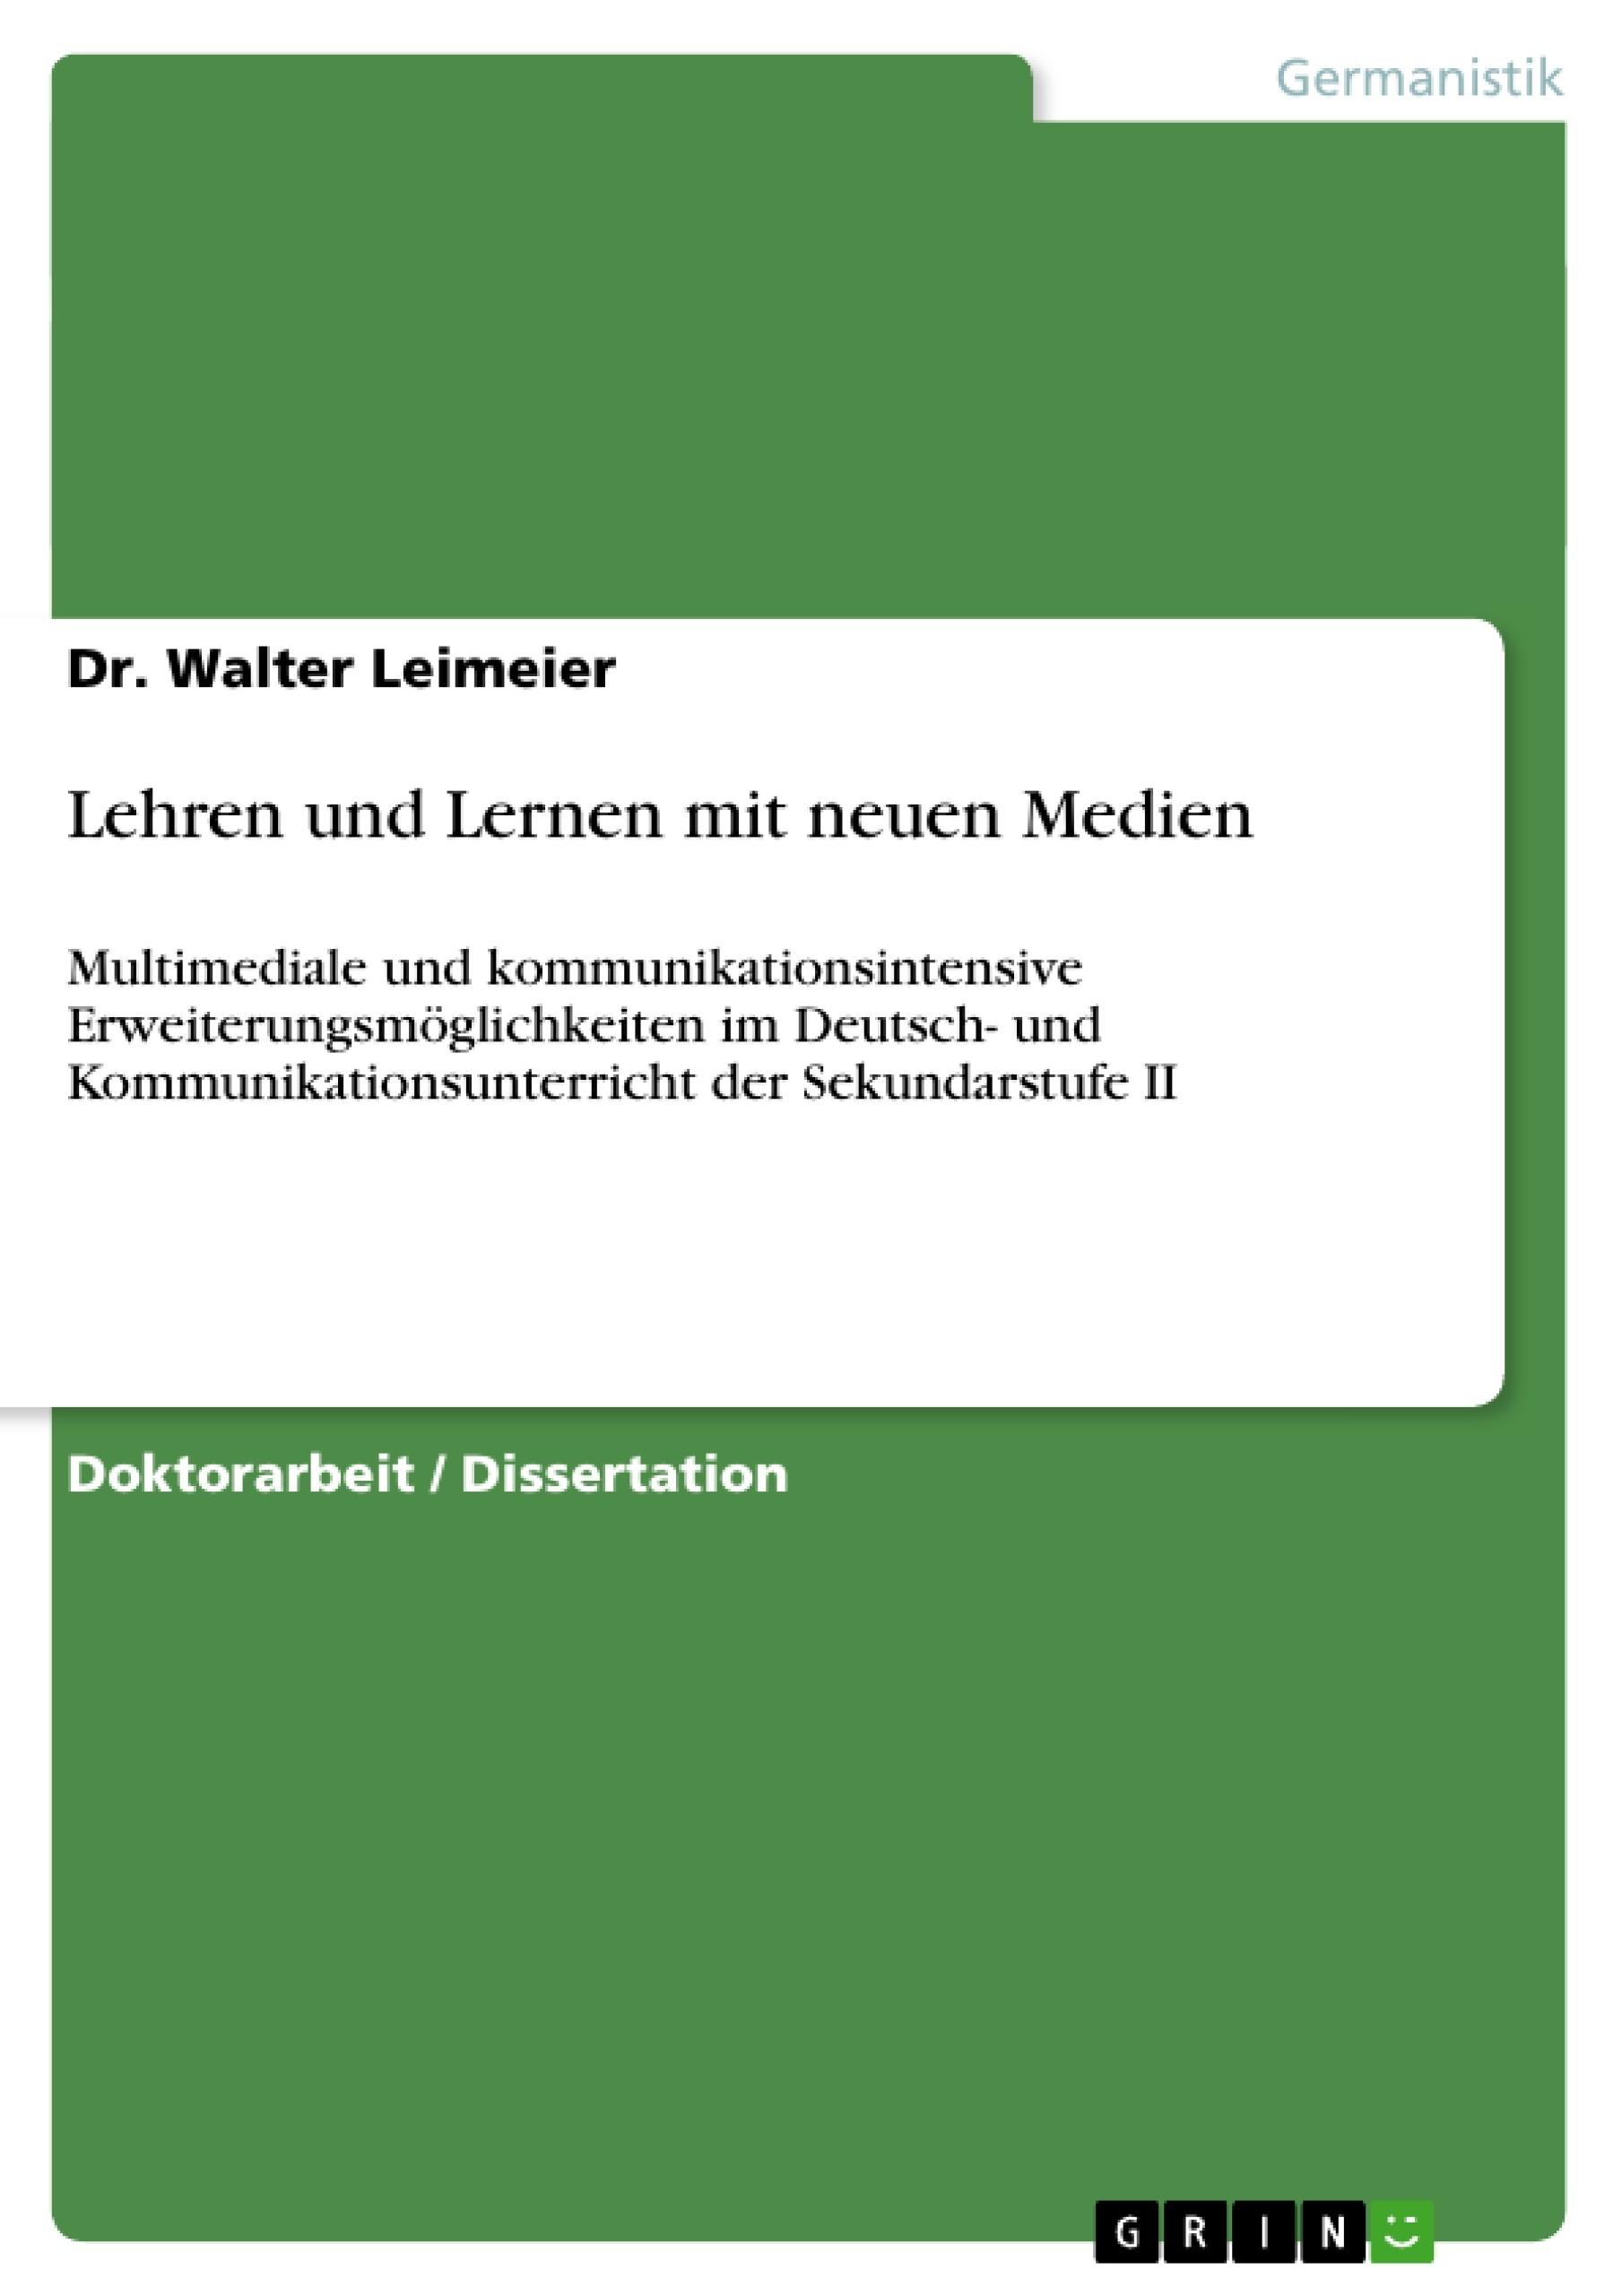 Titel: Lehren und Lernen mit neuen Medien